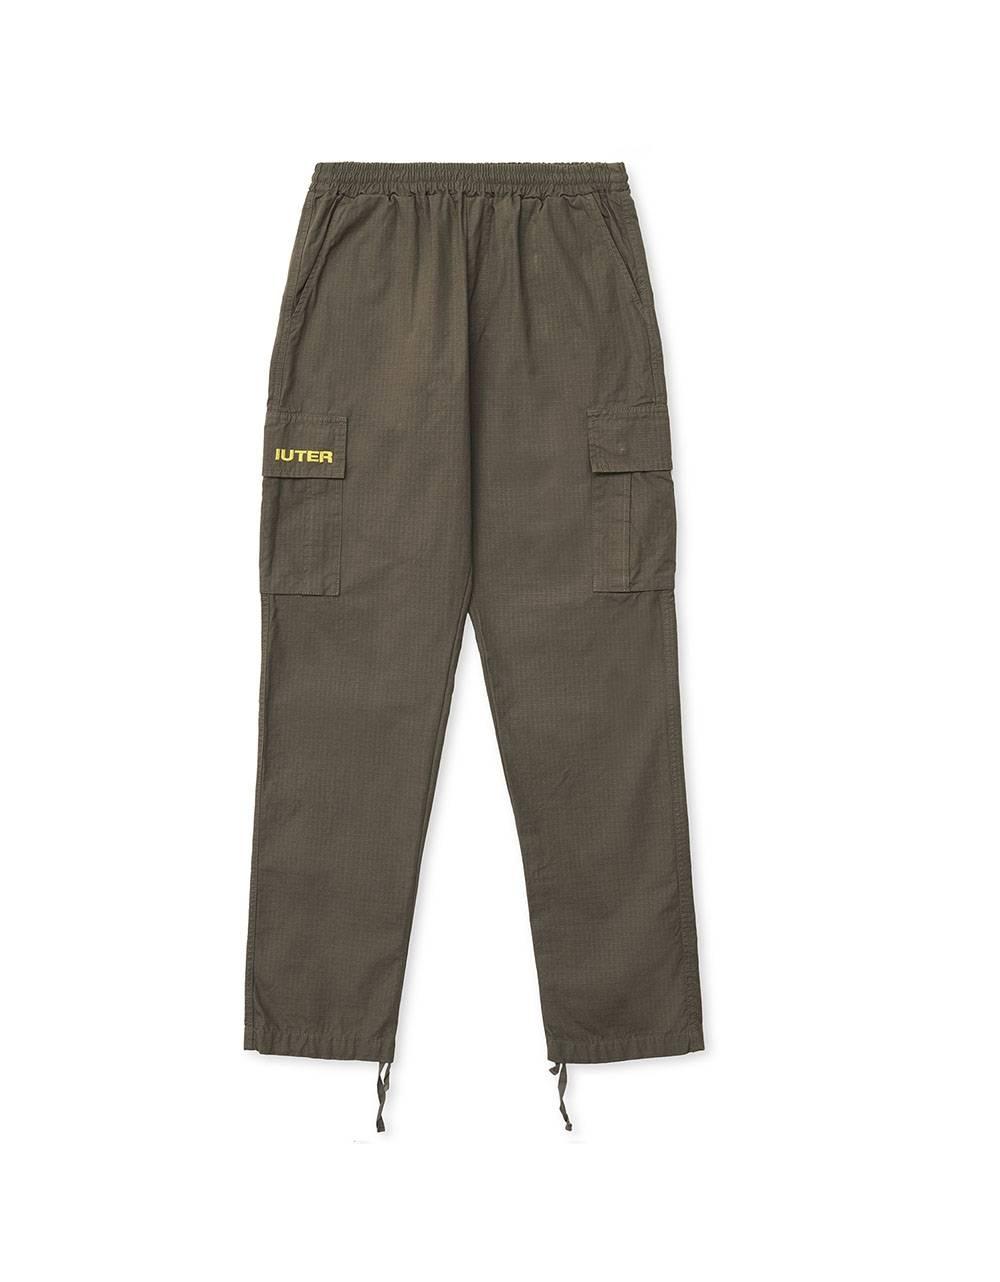 Iuter Cargo ripstop pants - Grey IUTER Pant 119,00€